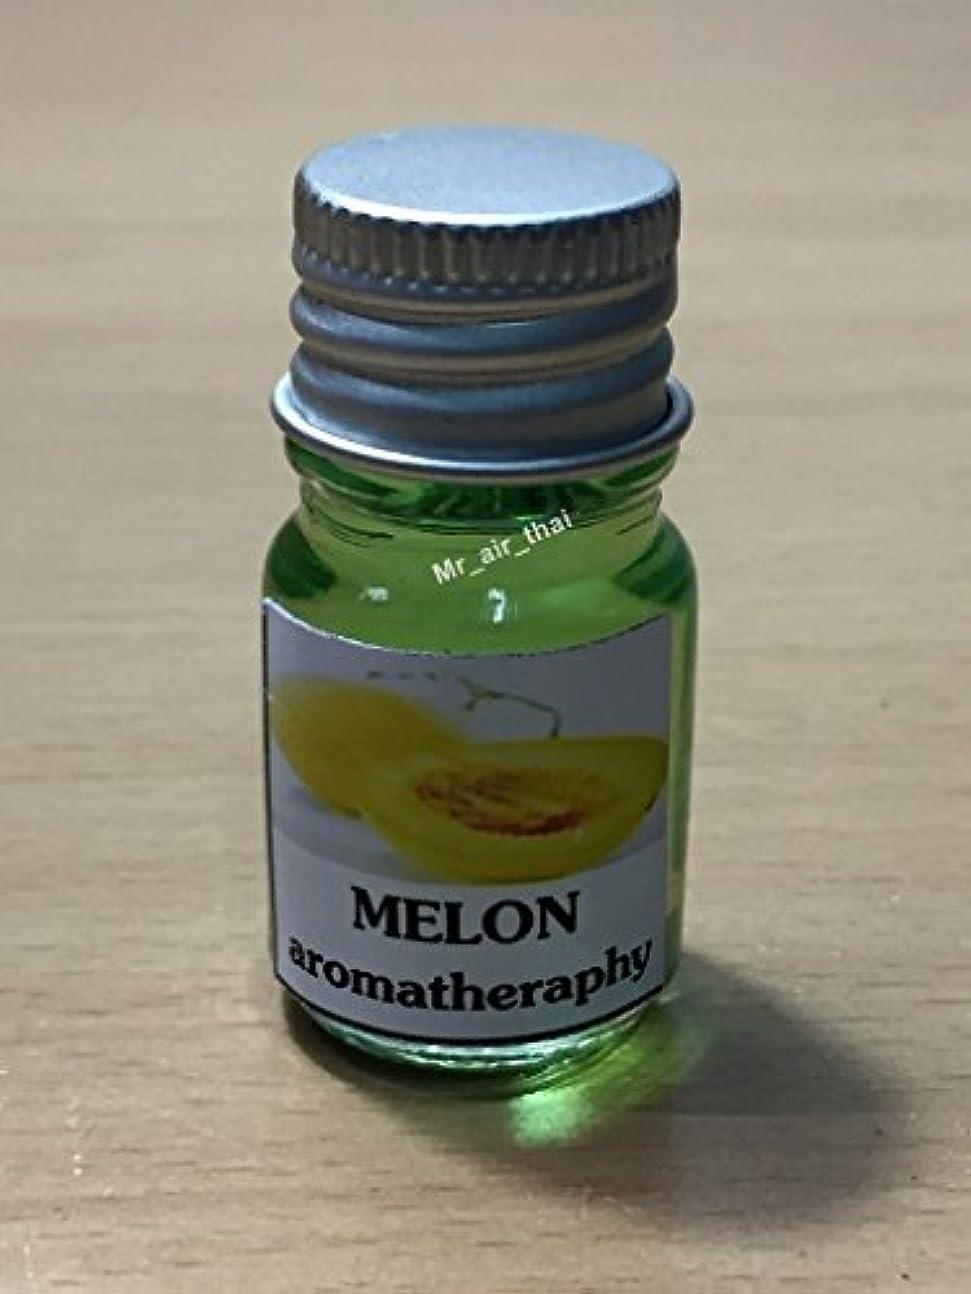 追加なぜ議論する5ミリリットルアロマメロンフランクインセンスエッセンシャルオイルボトルアロマテラピーオイル自然自然5ml Aroma Melon Frankincense Essential Oil Bottles Aromatherapy...